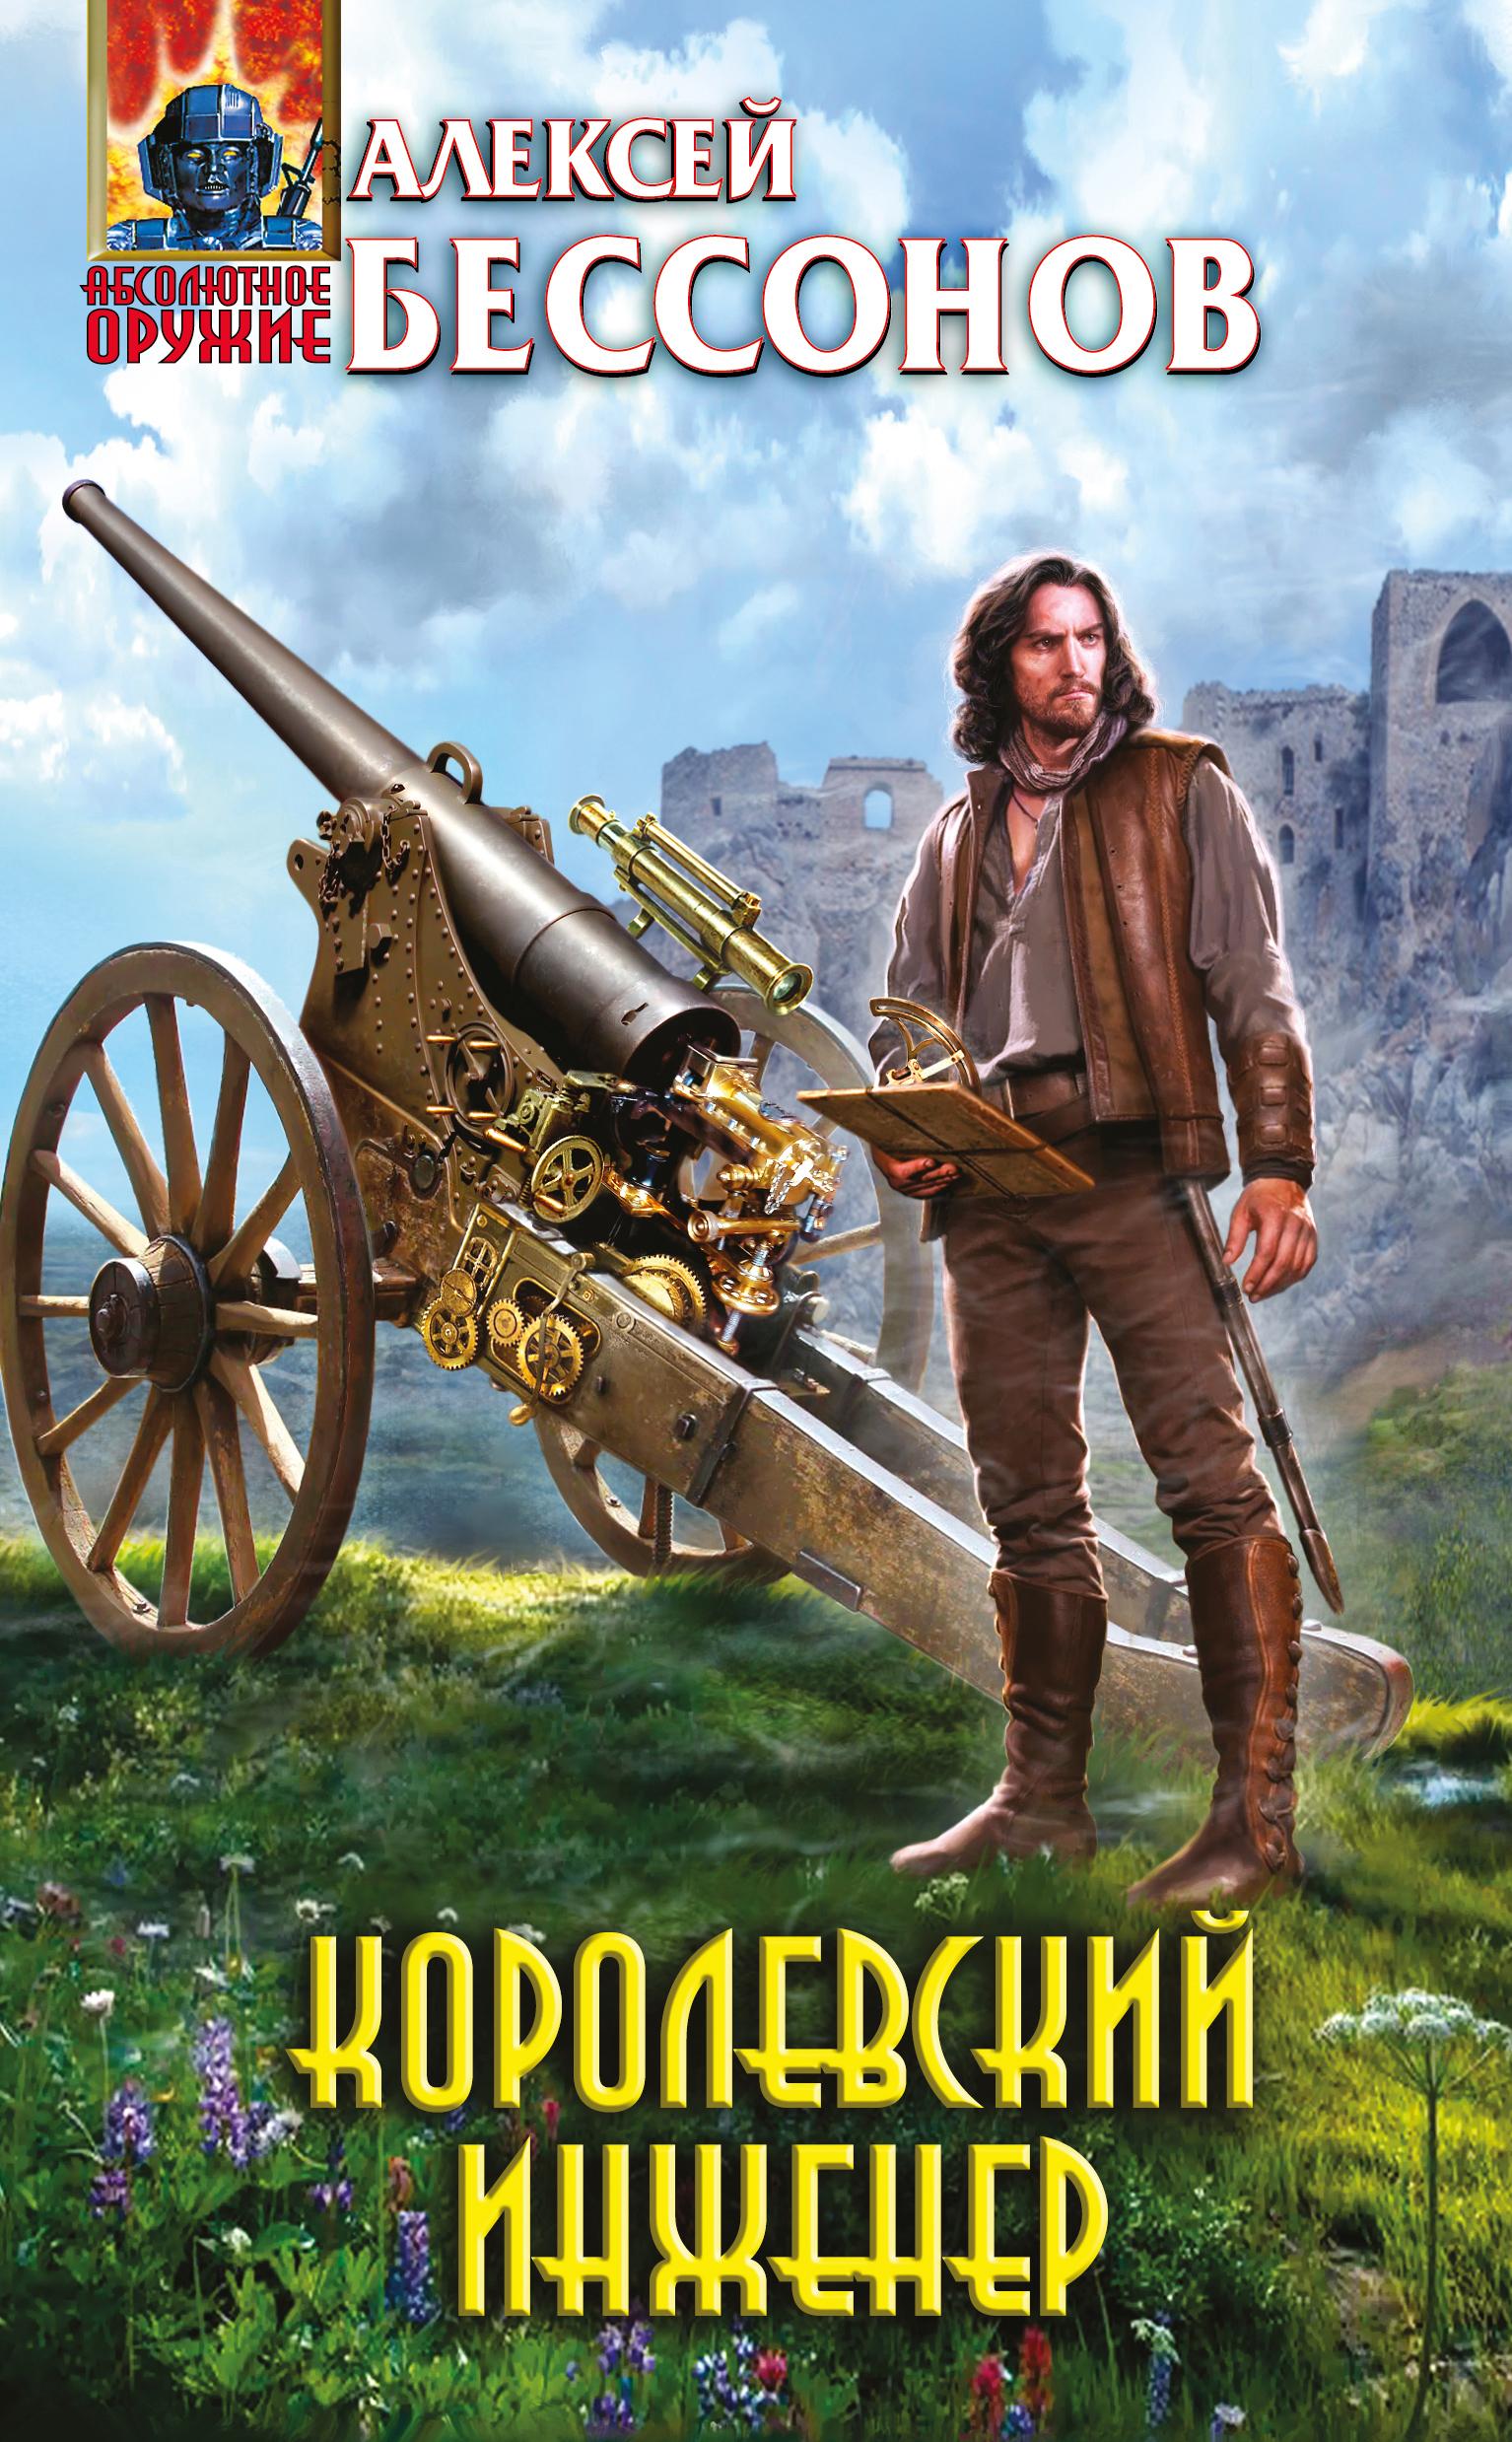 Фото Бессонов Алексей Игоревич Королевский инженер. Купить  в РФ